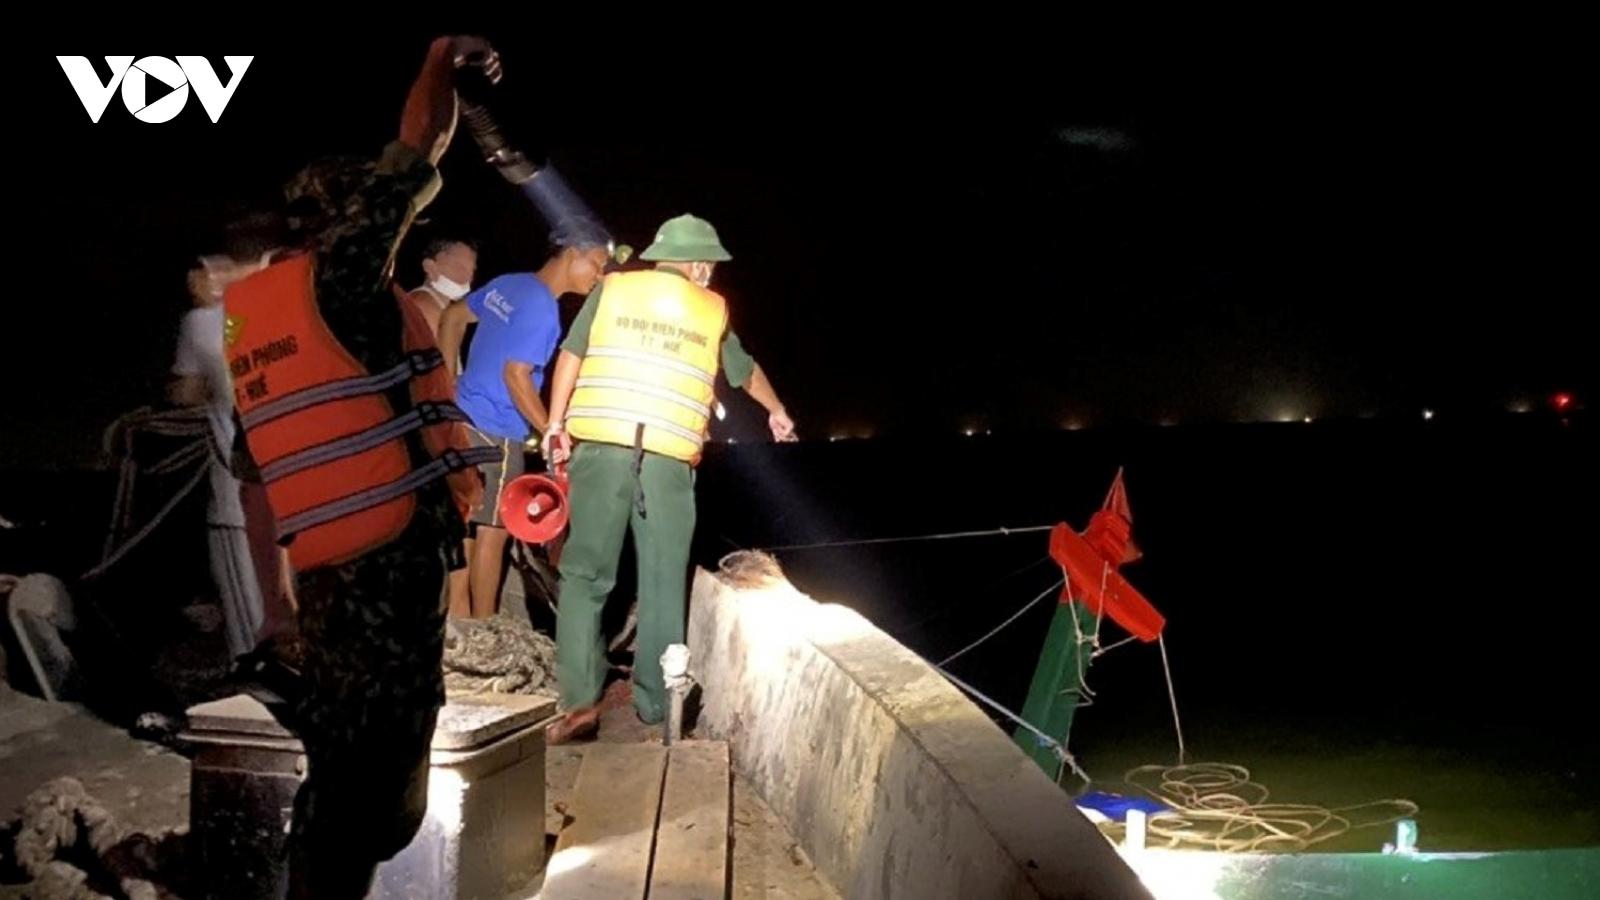 Tàu cá bị xà lan đâm chìm trong đêm, 1 thuyền viên bị thương nặng